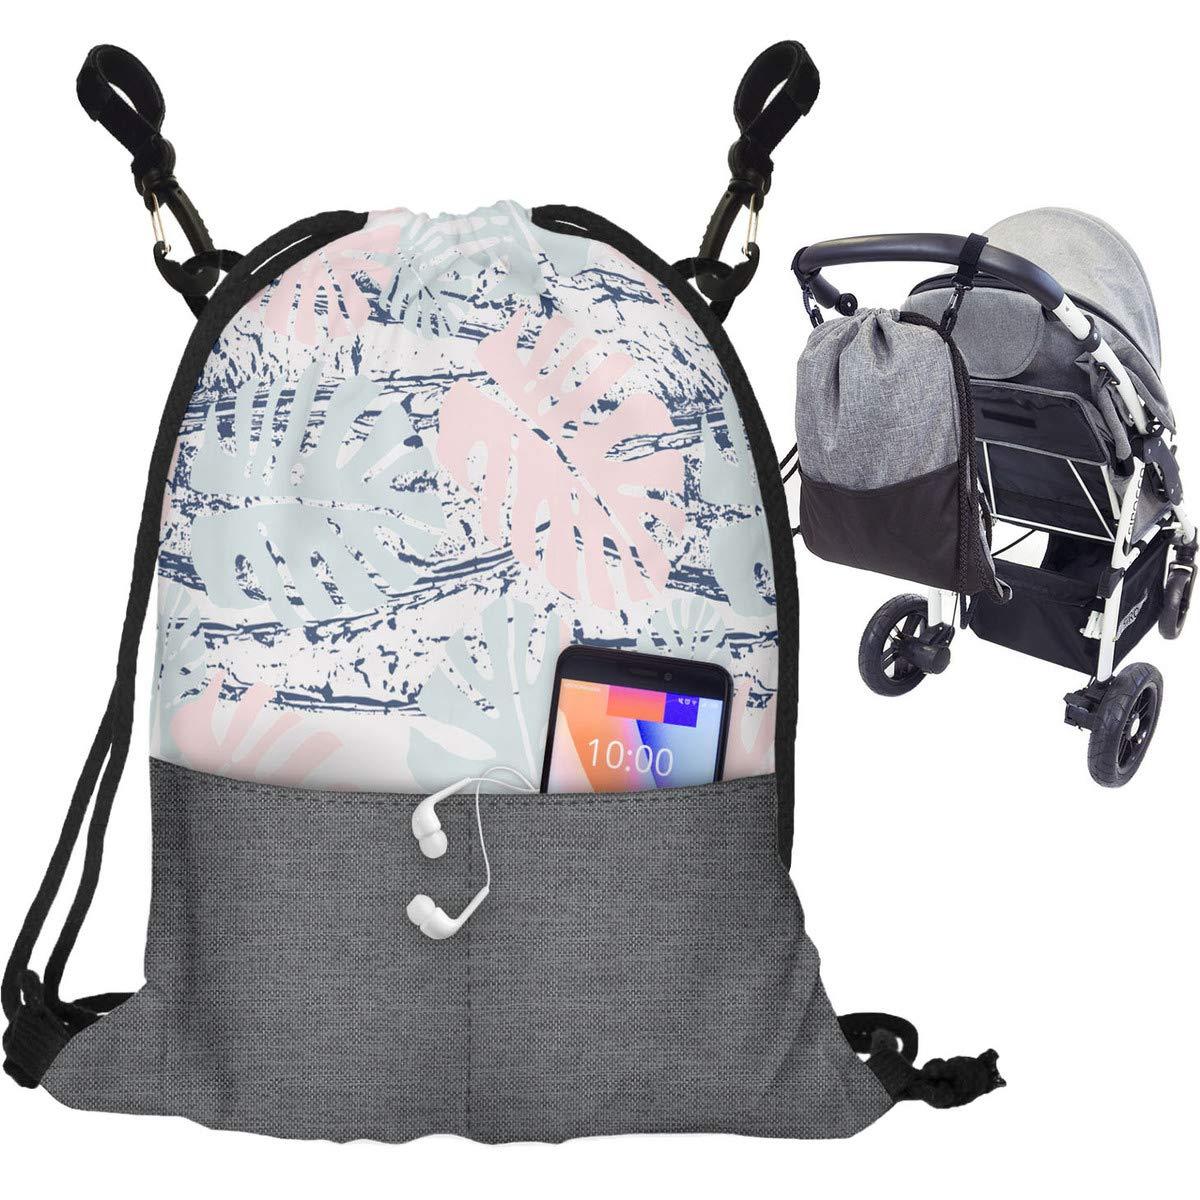 075 Kinderwagen Organizer Buggy Tasche Baby Wickeltasche Trolley Kinderwagentasche mit Befestigungshaken Modische Universal Turnbeutel Organizer F/ür Mutter Flamingo